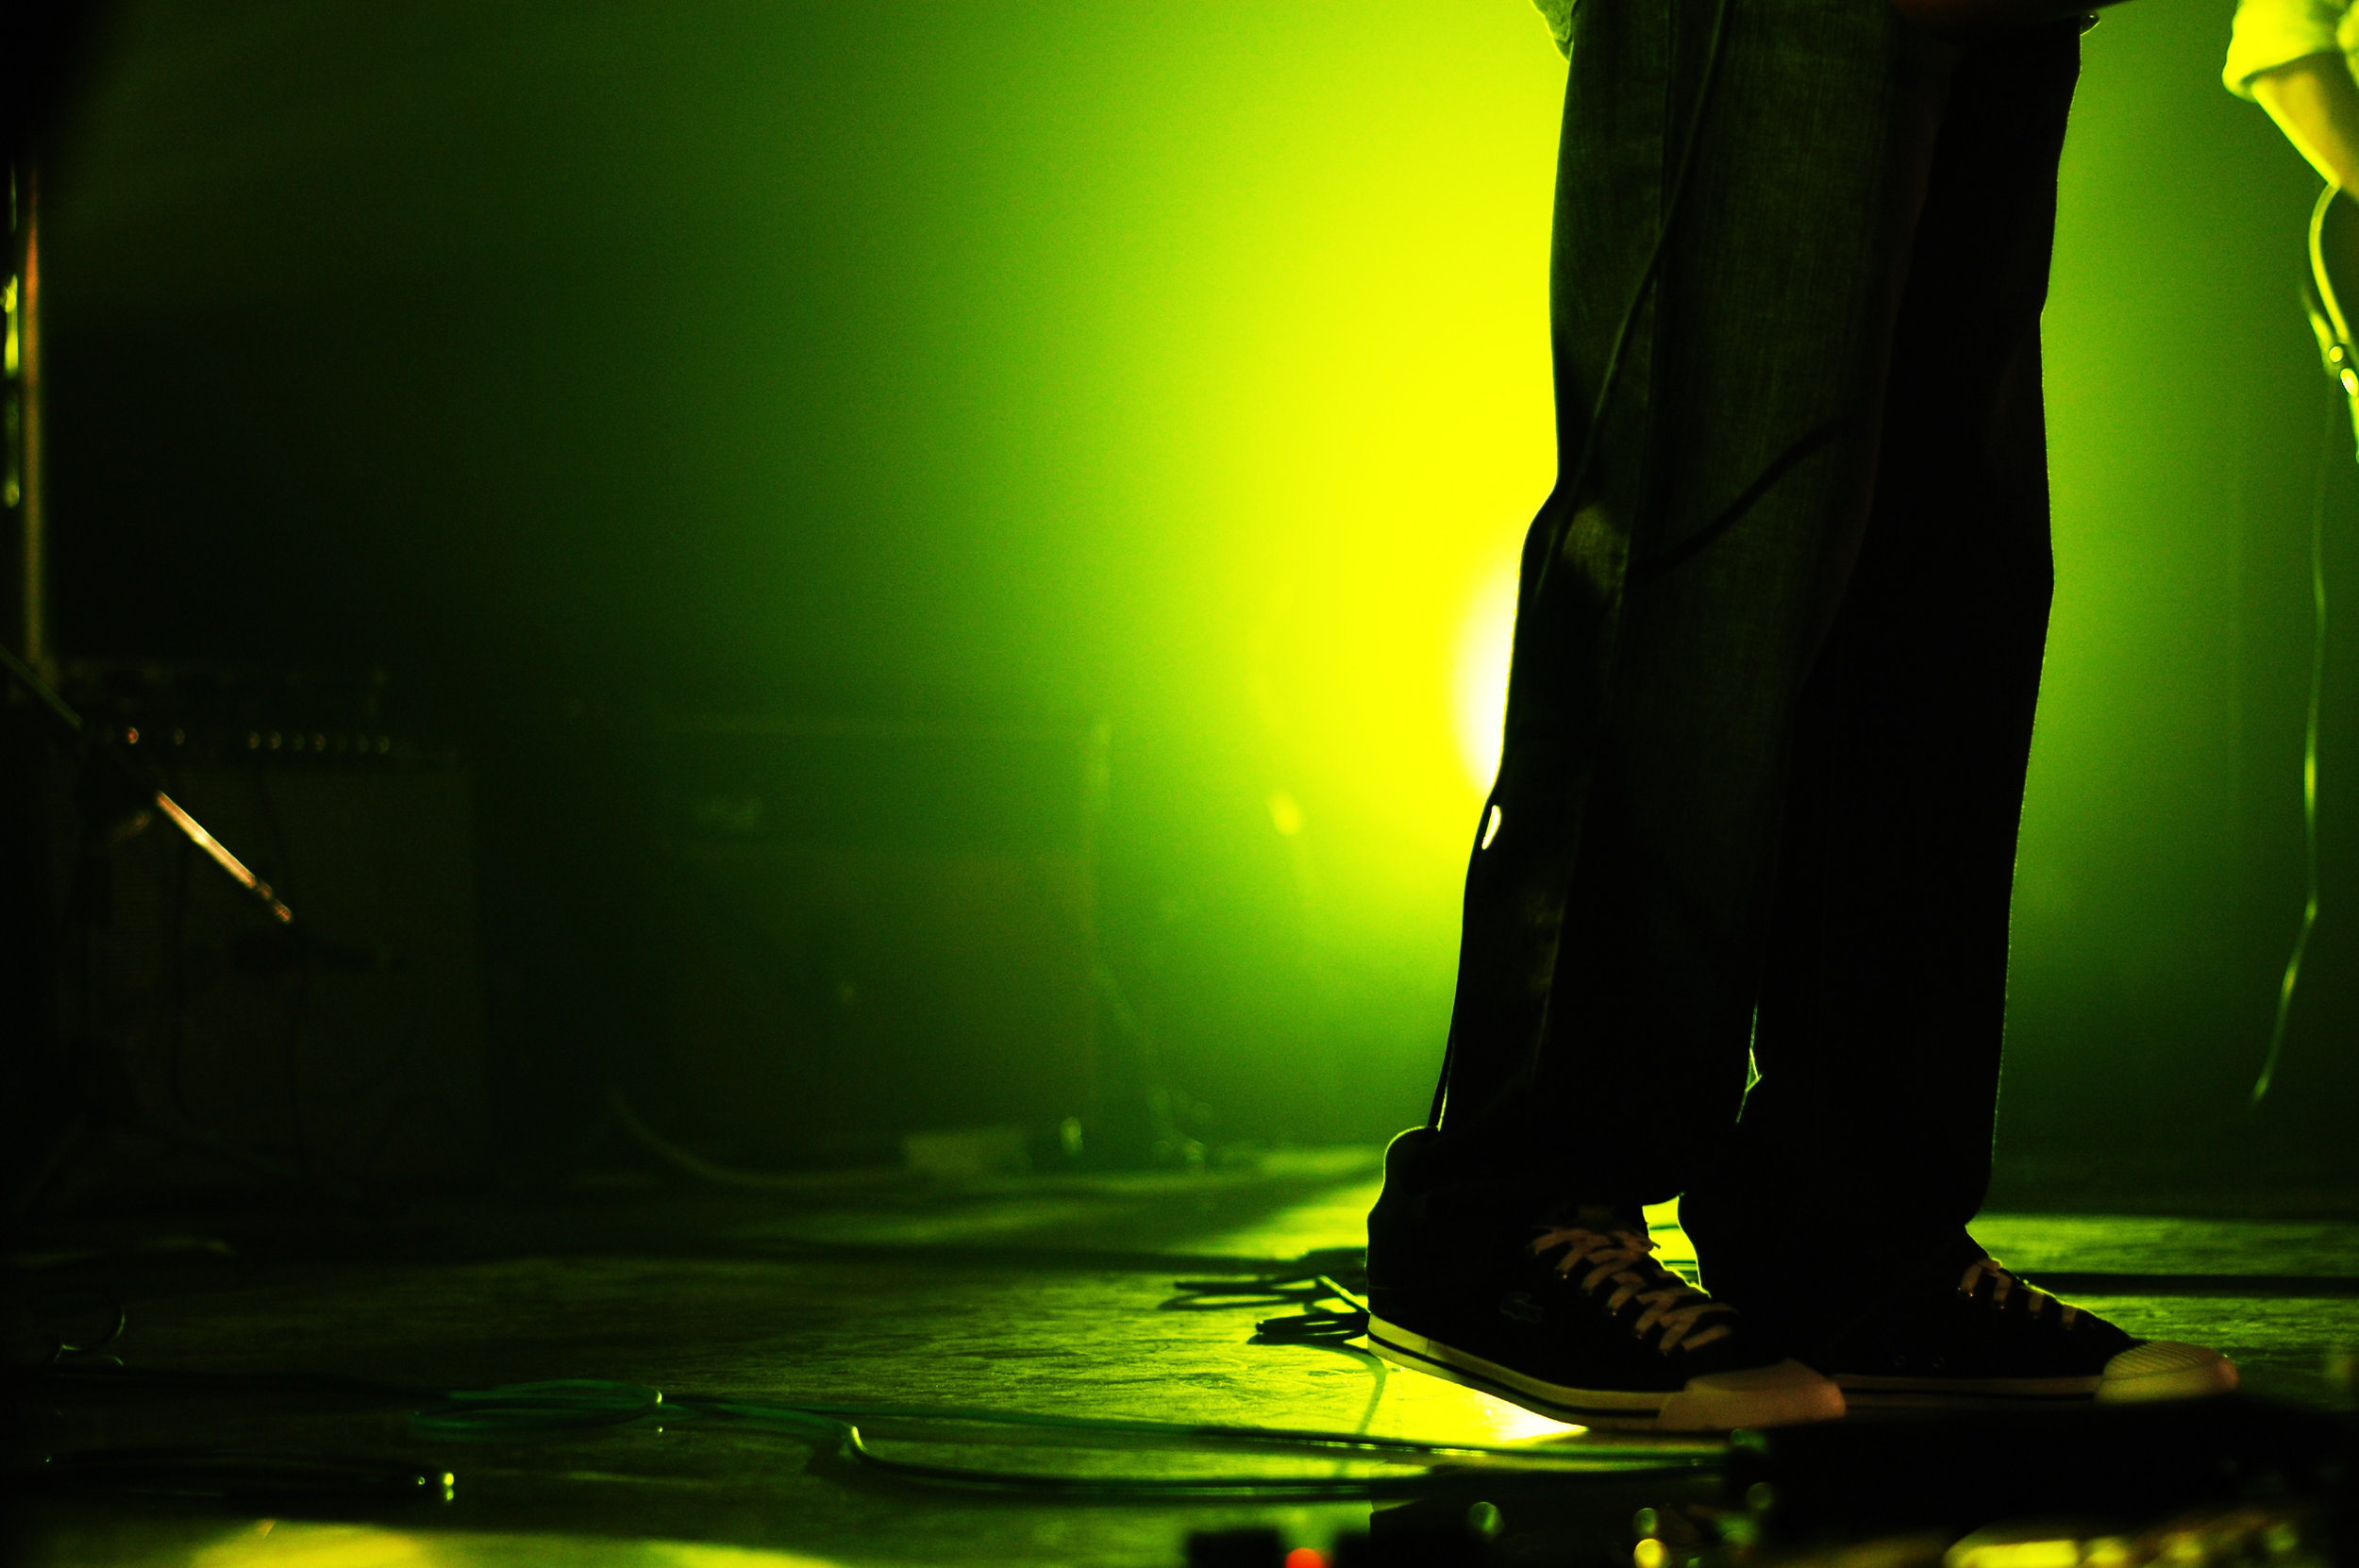 2009-08-19 - Male' City - Dharubaaruge' - Eku Ekee Album Launch - D70s-7980.jpg